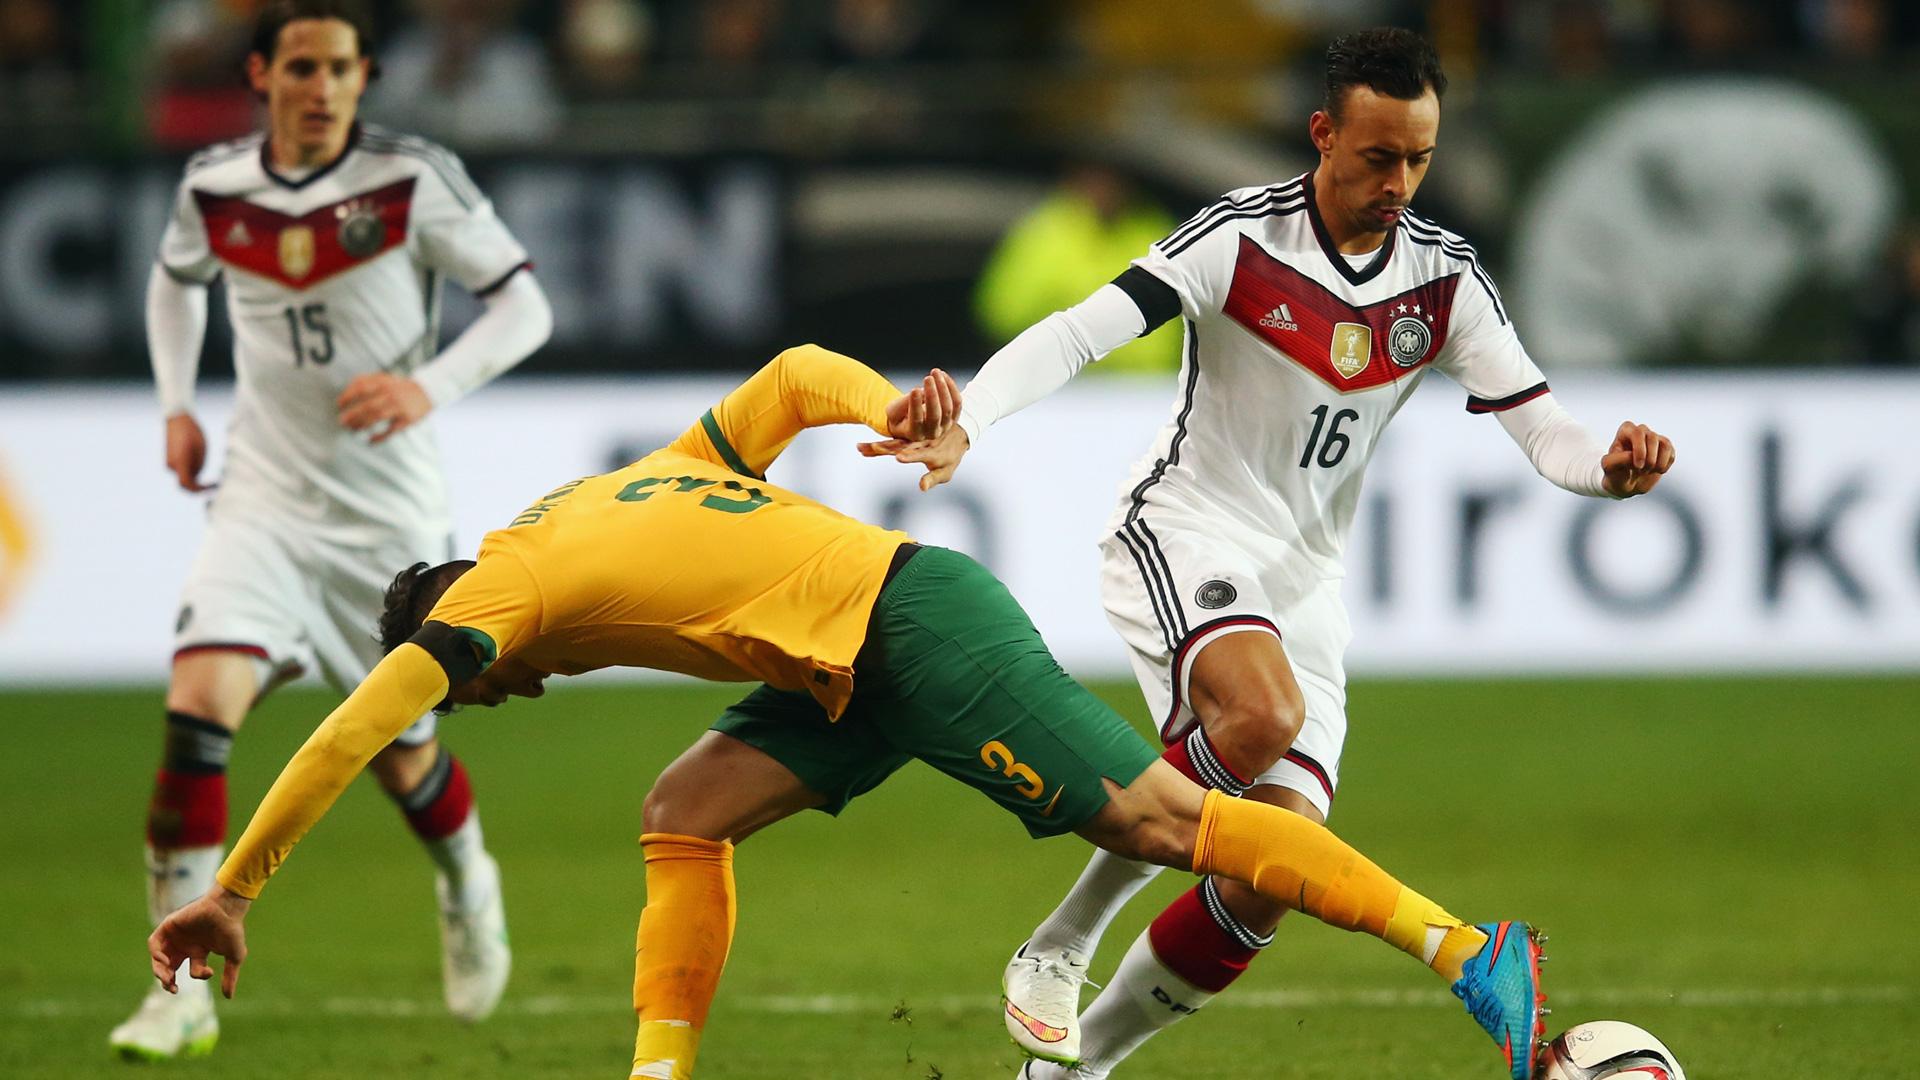 Löw startet mit offensiver Elf gegen Australien